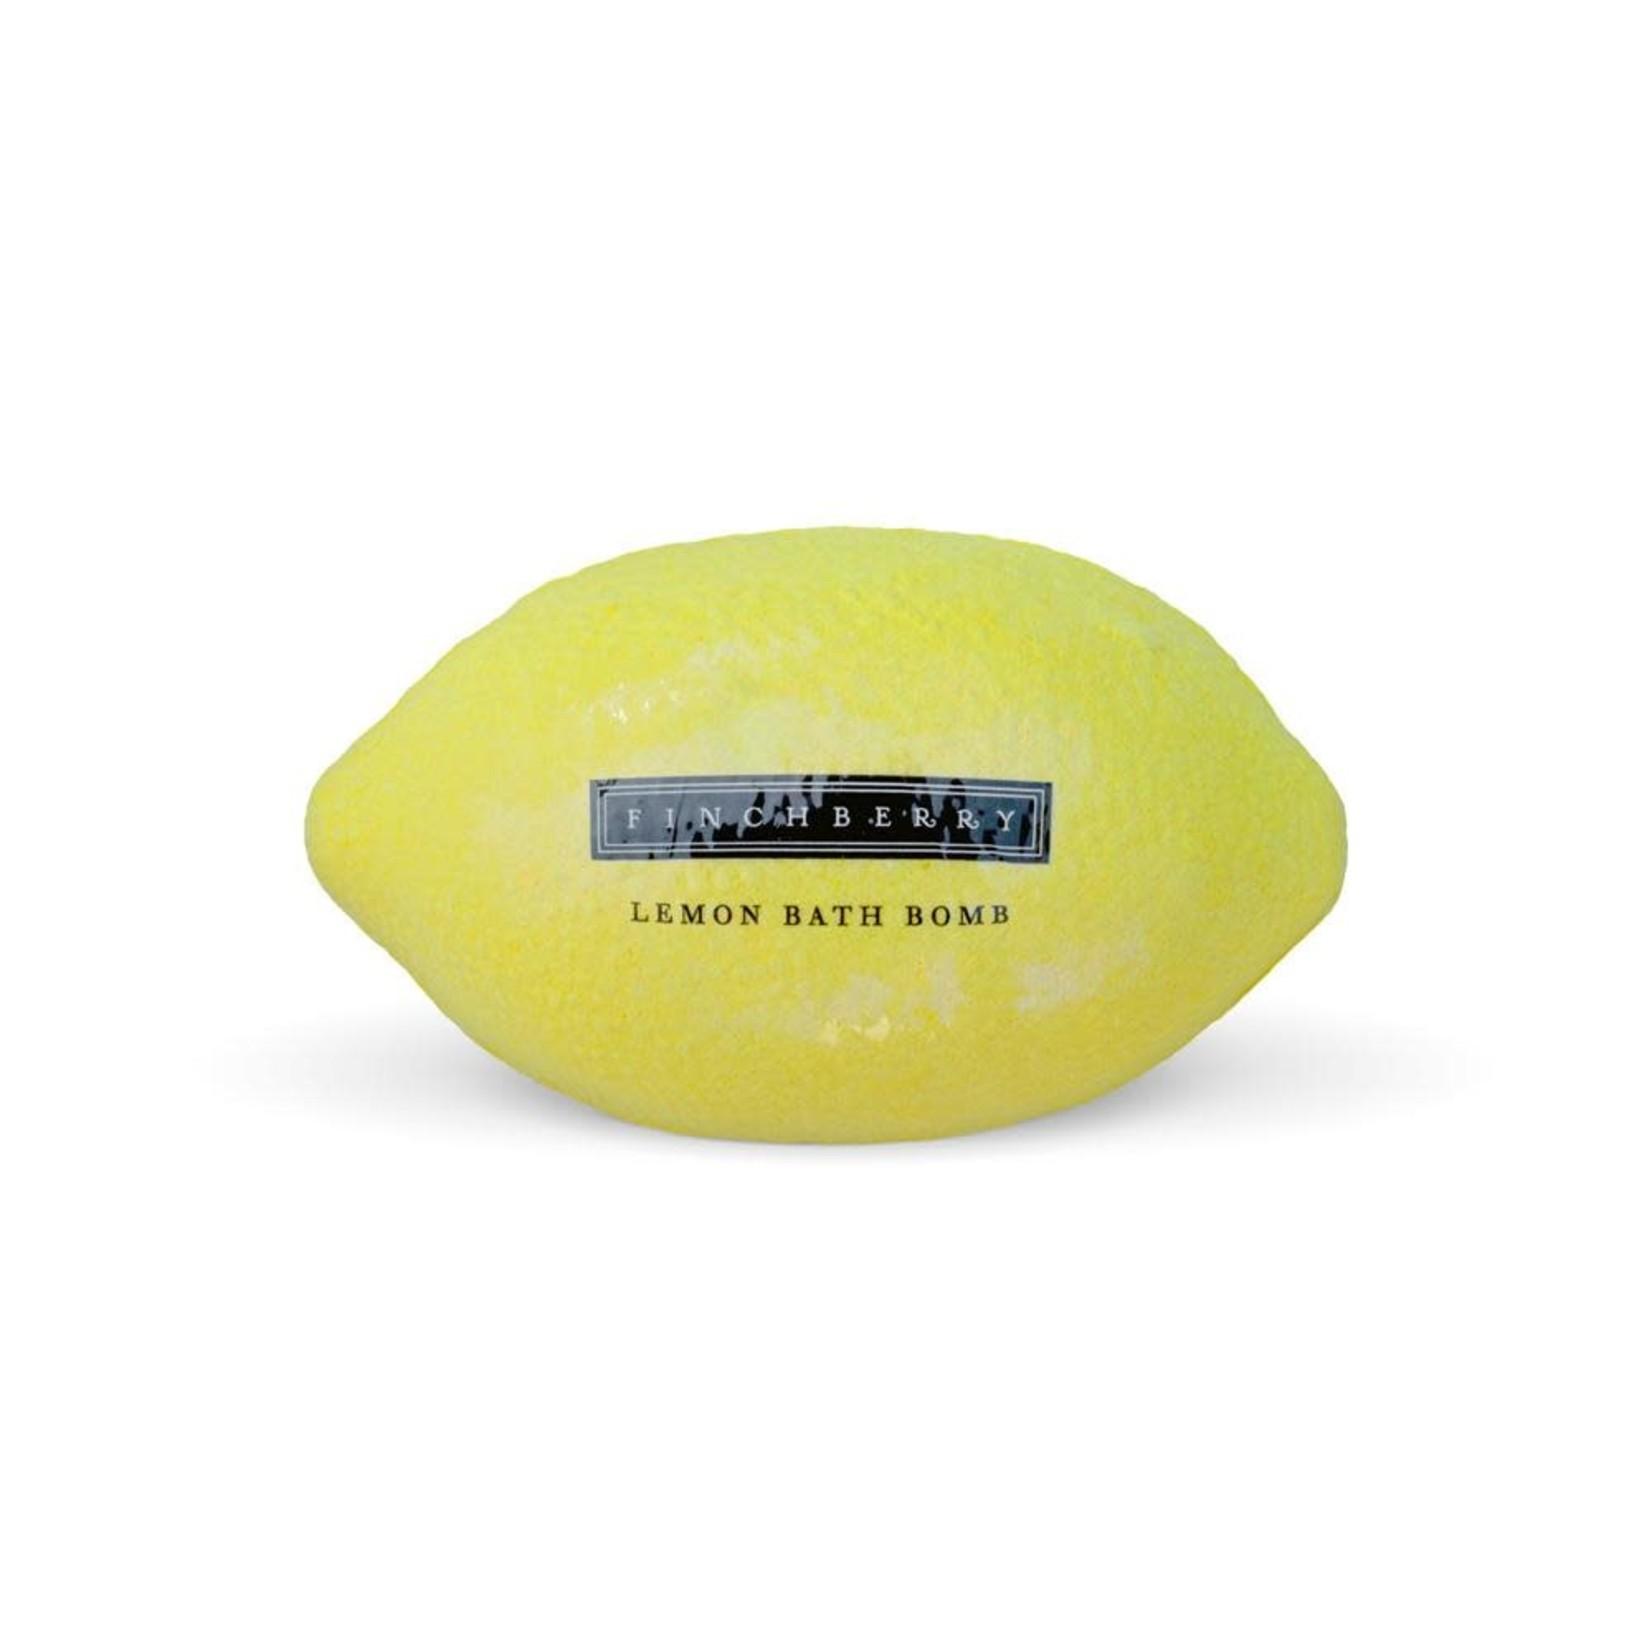 FinchBerry Soapery Lemon Bath Bomb